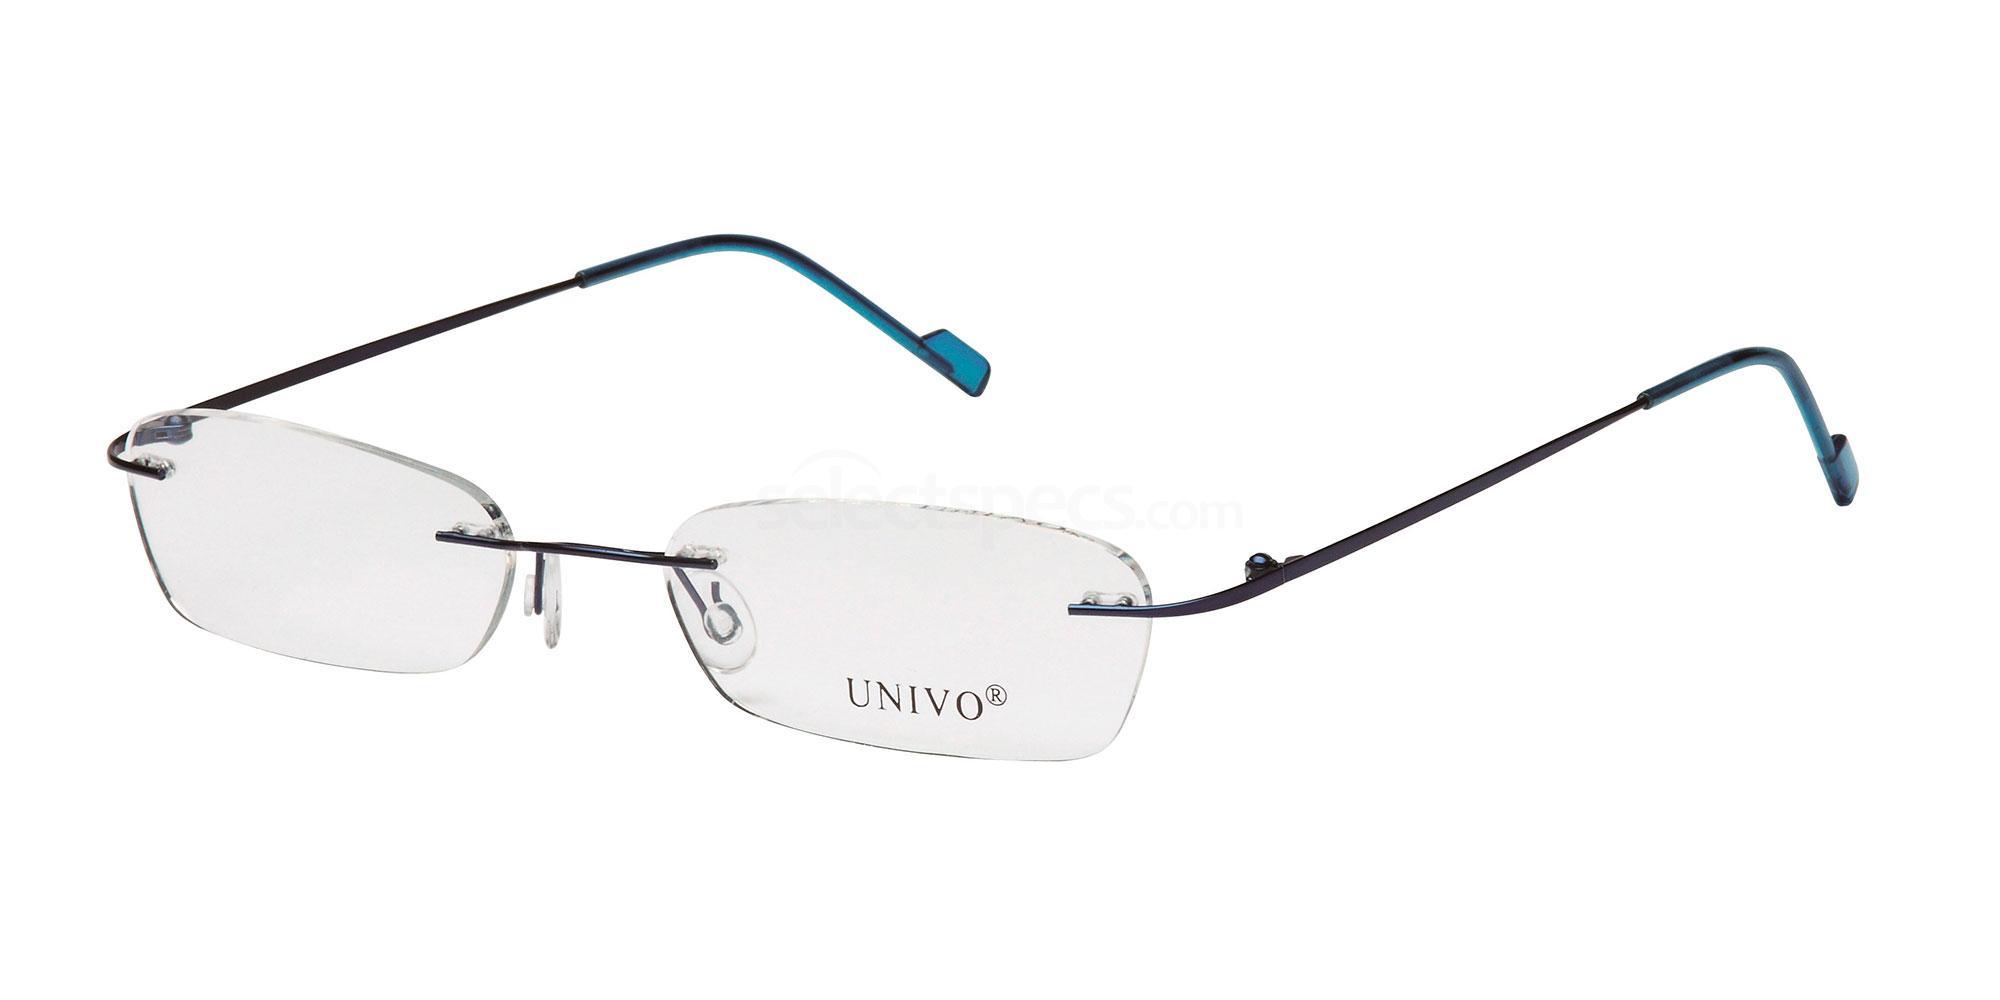 Univo U616